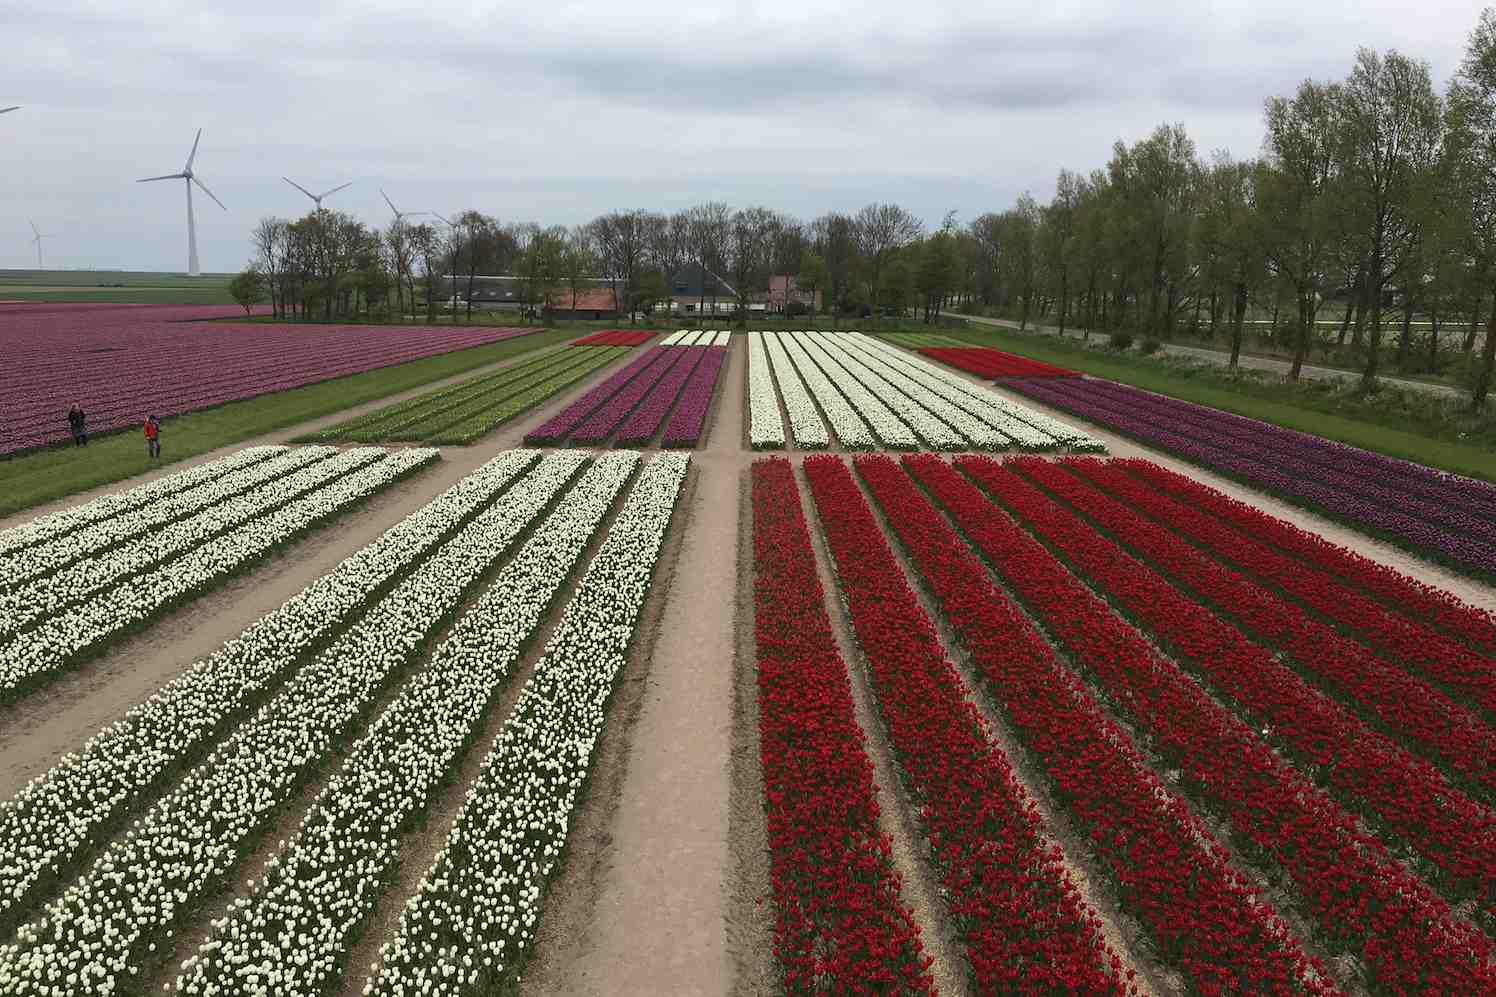 tulpenfestival noordoostpolder